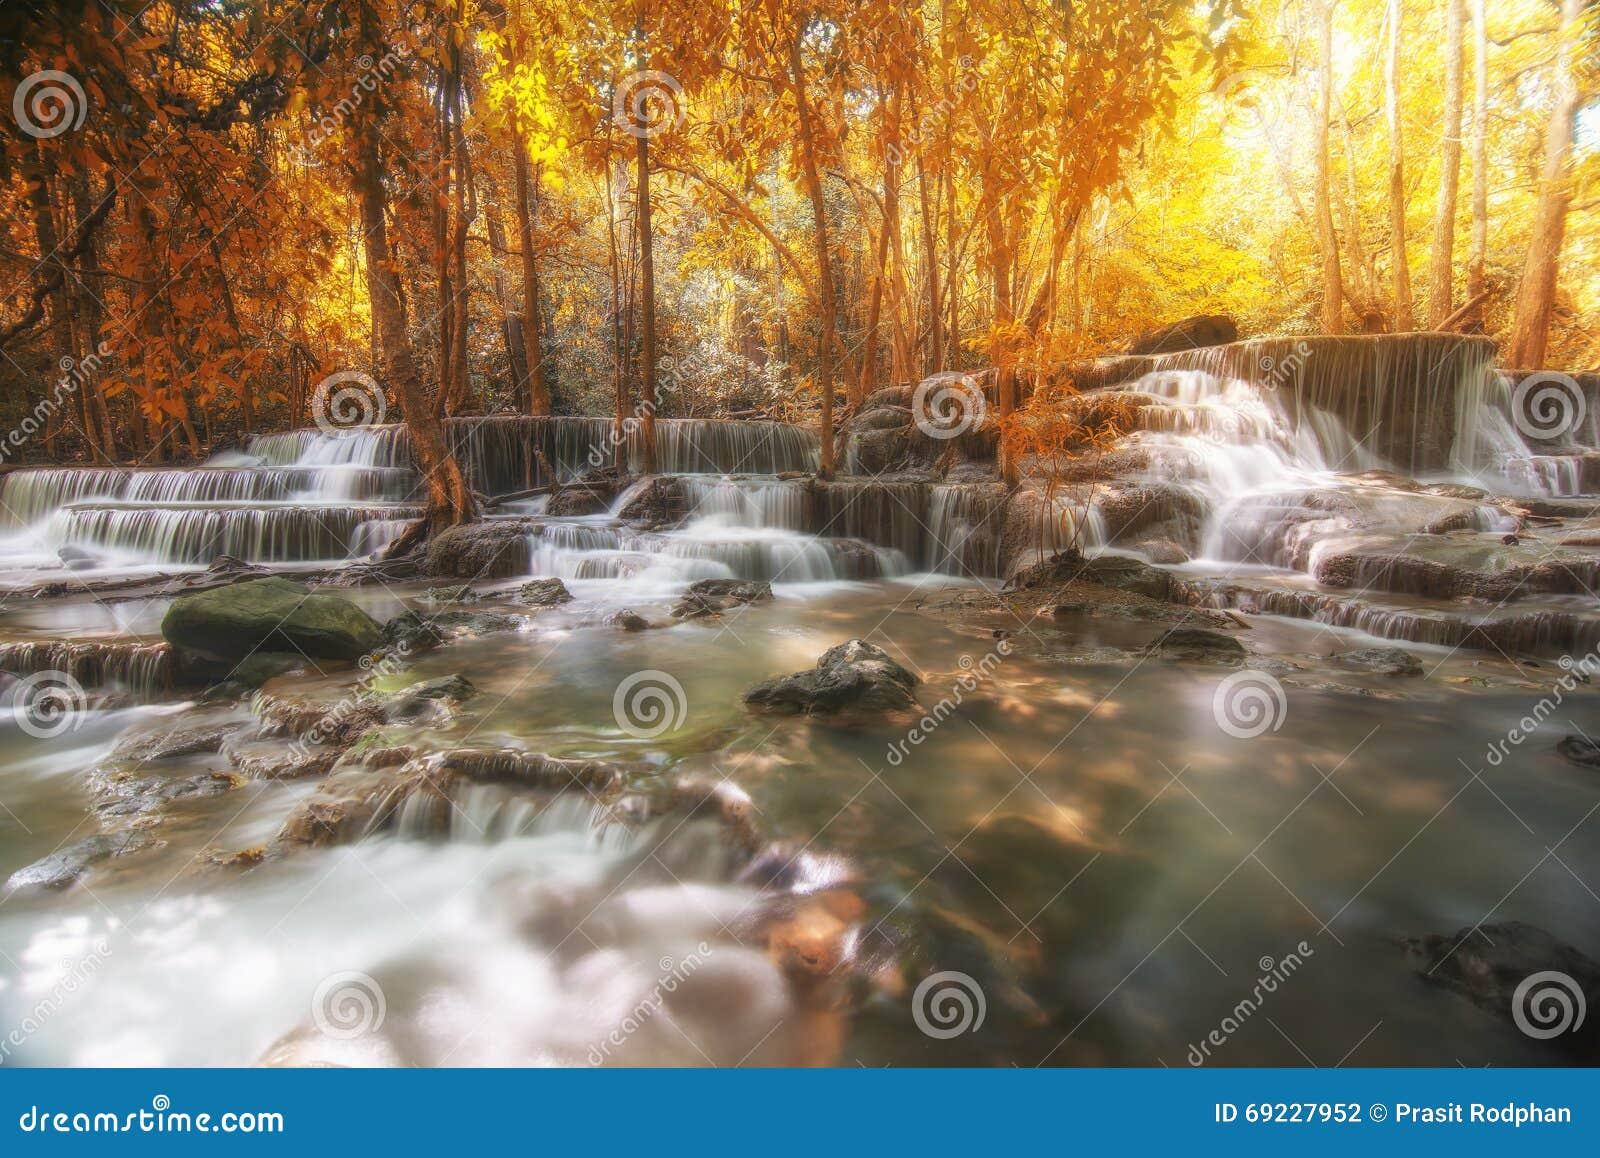 美丽的瀑布在秋天森林里,深森林瀑布,坎市